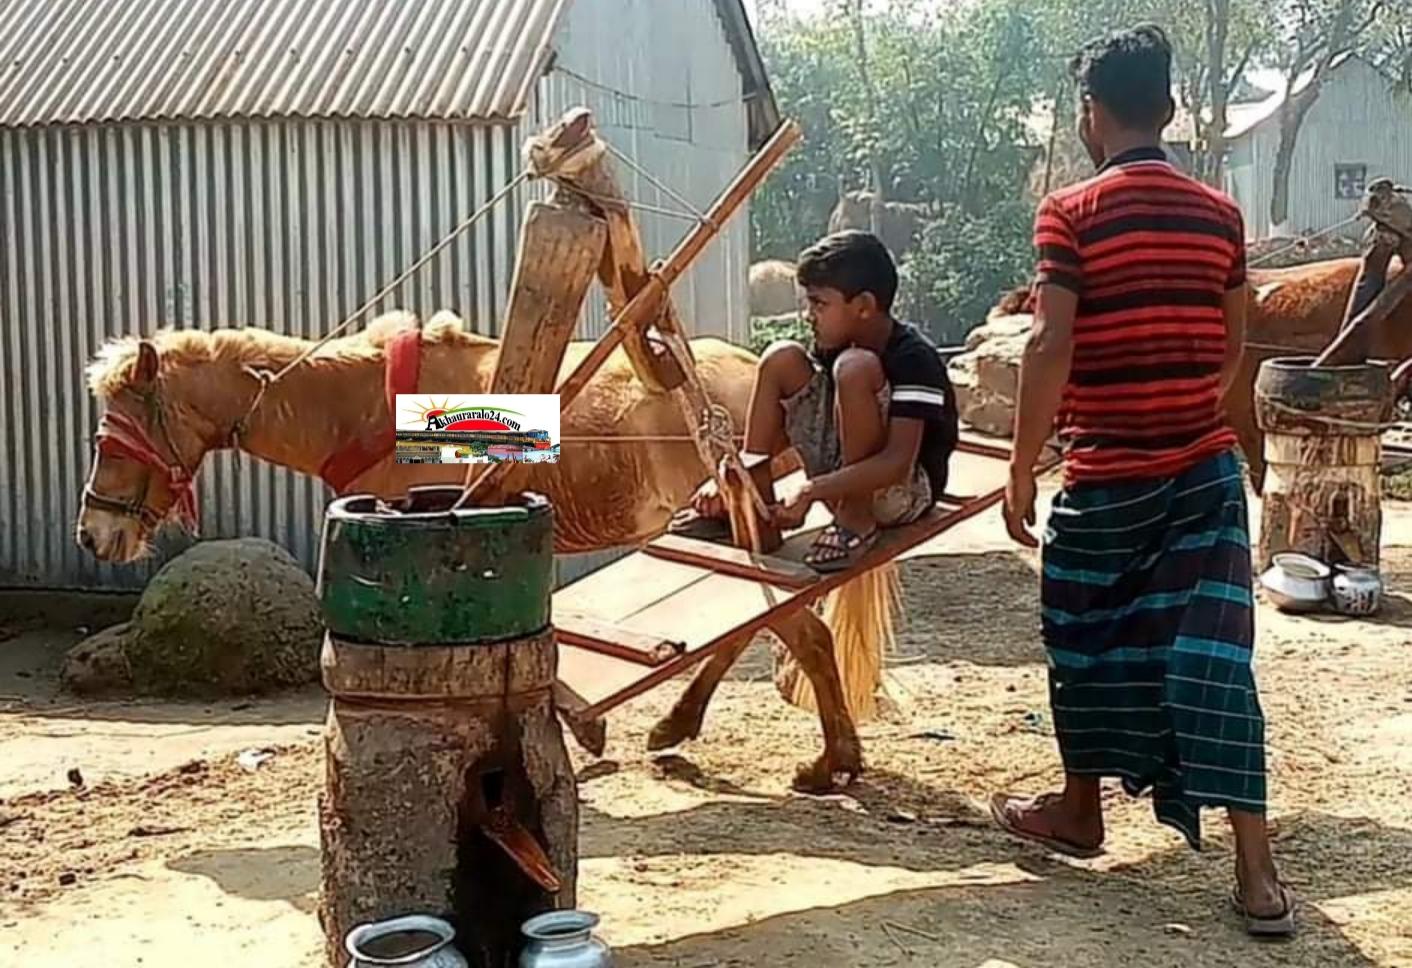 নাসিরনগরে পৈত্রিক পেশা ঘানি ভাঙ্গা কাজে ব্যস্ত মফিজ মিয়া